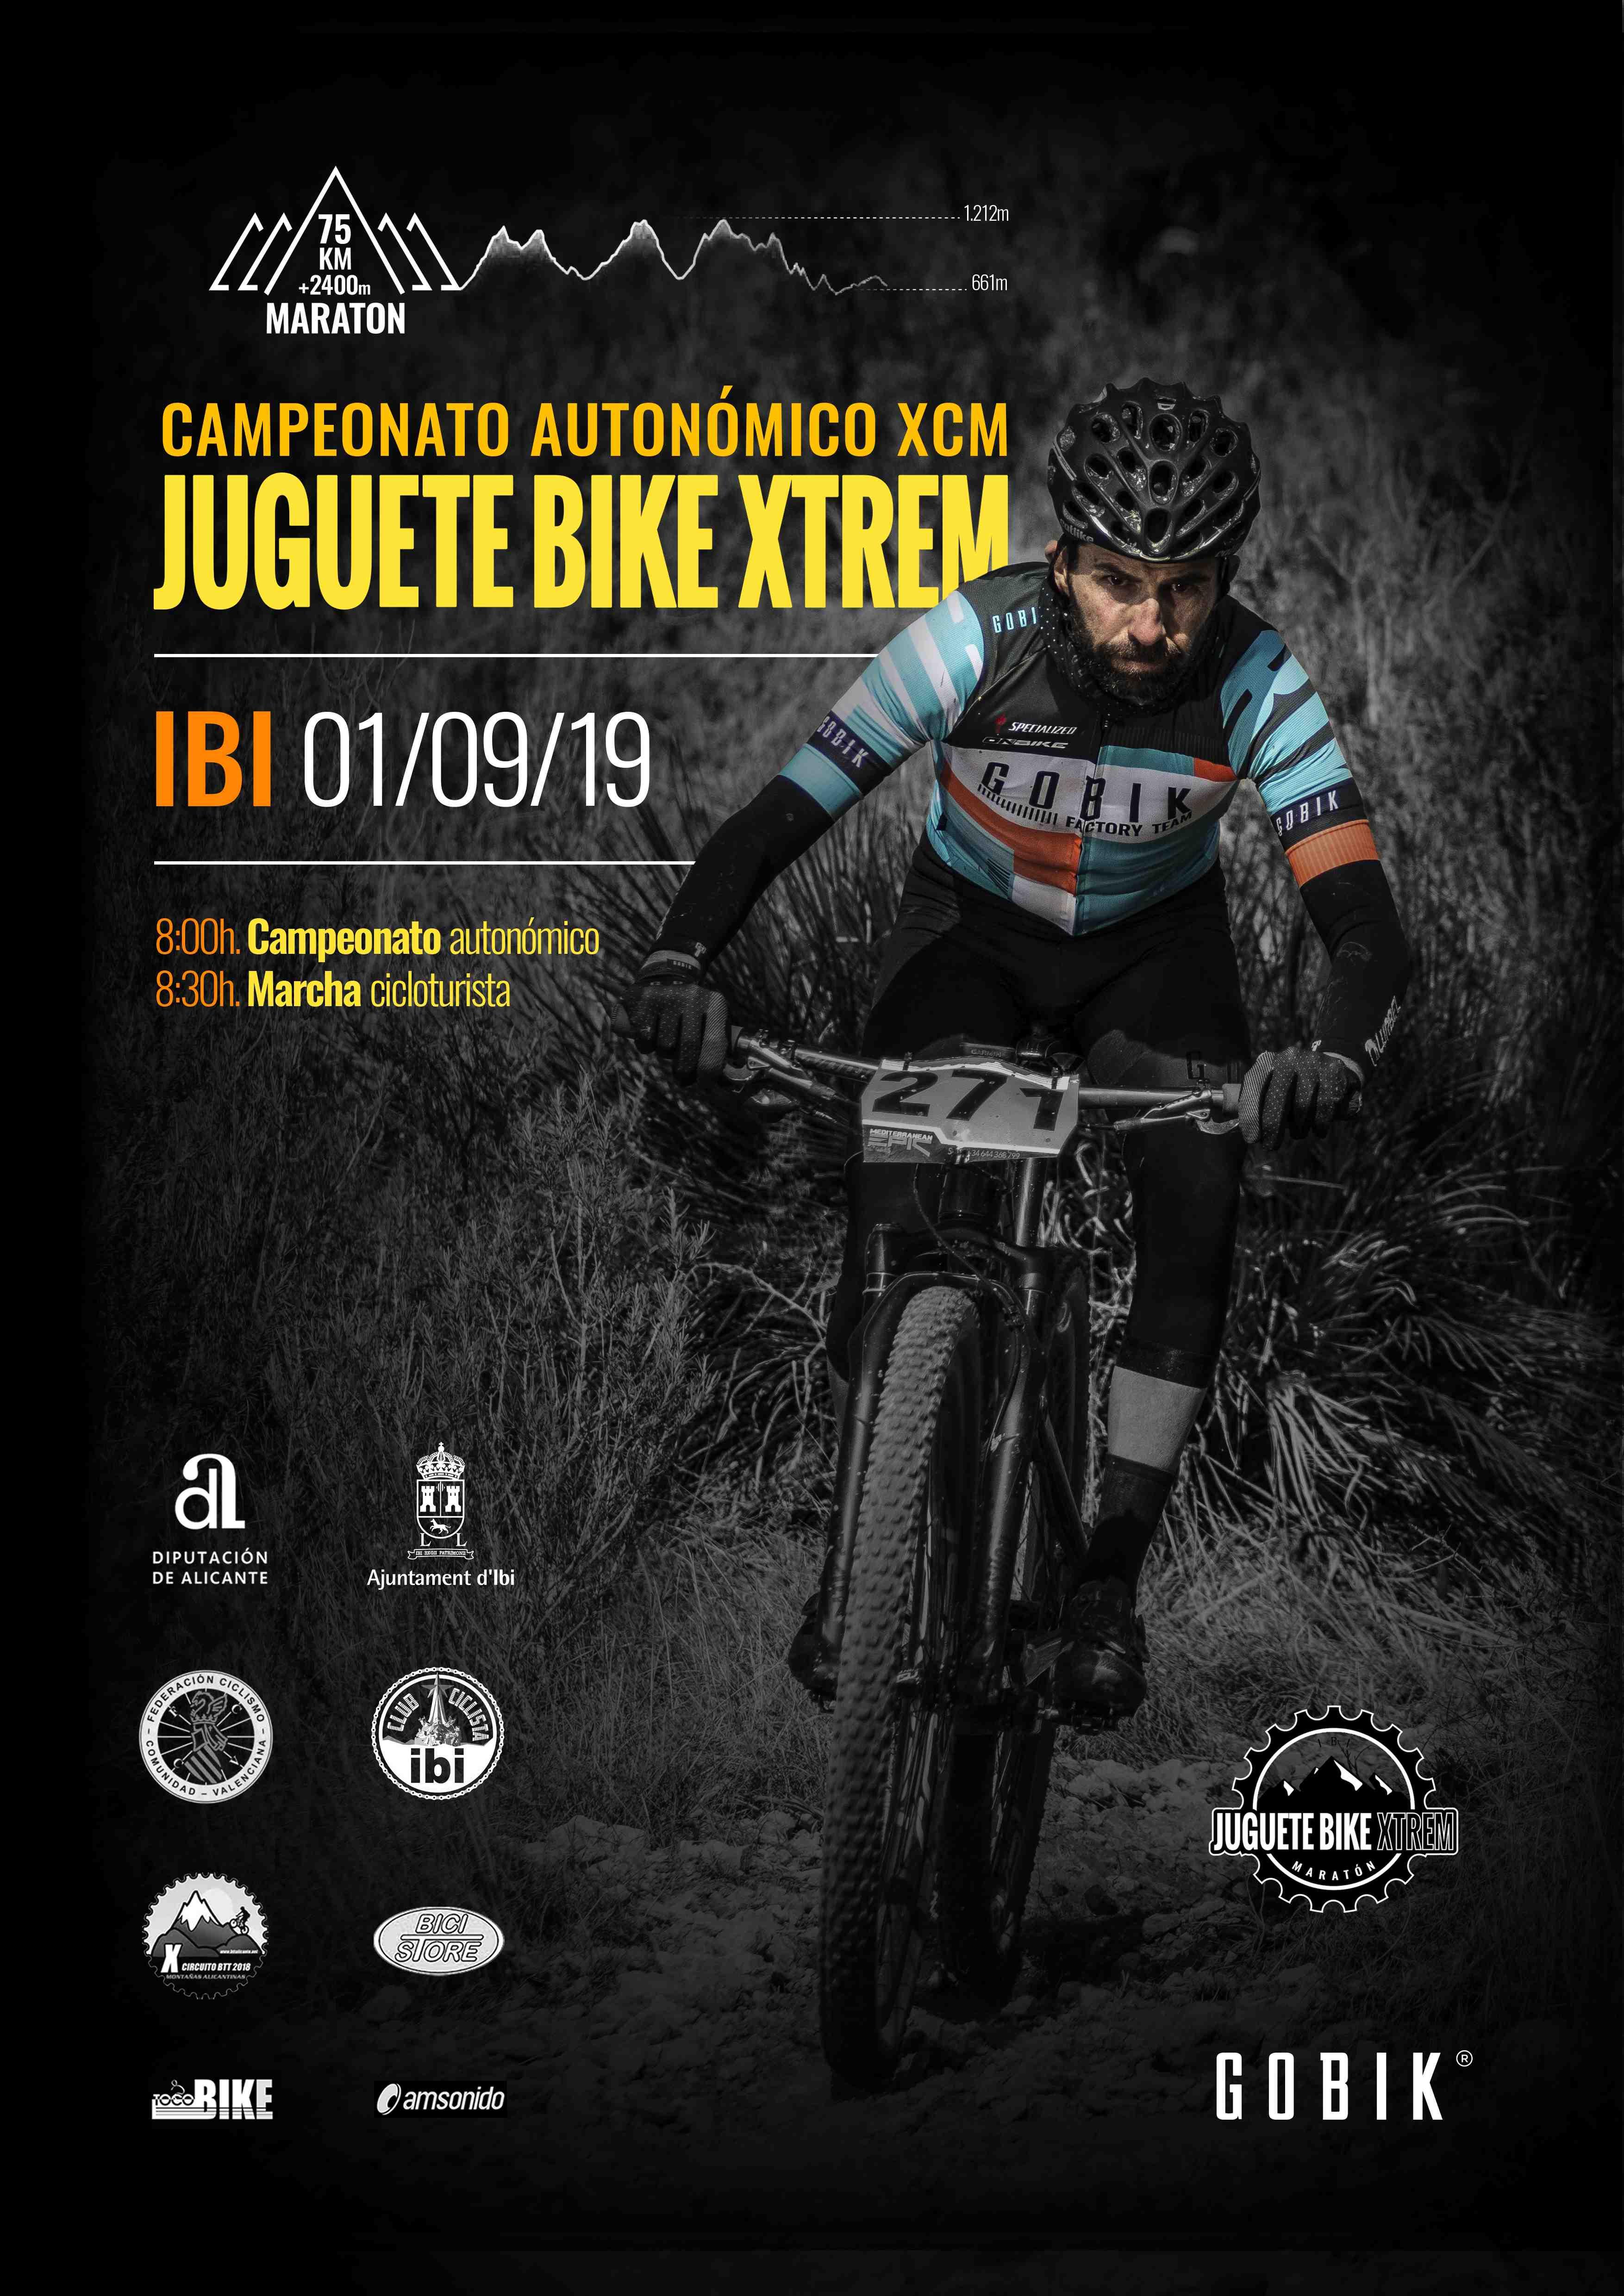 El Club Ciclista Ibi organiza el Campeonato Autonómico XCM 'Juguete Bike Xtrem'